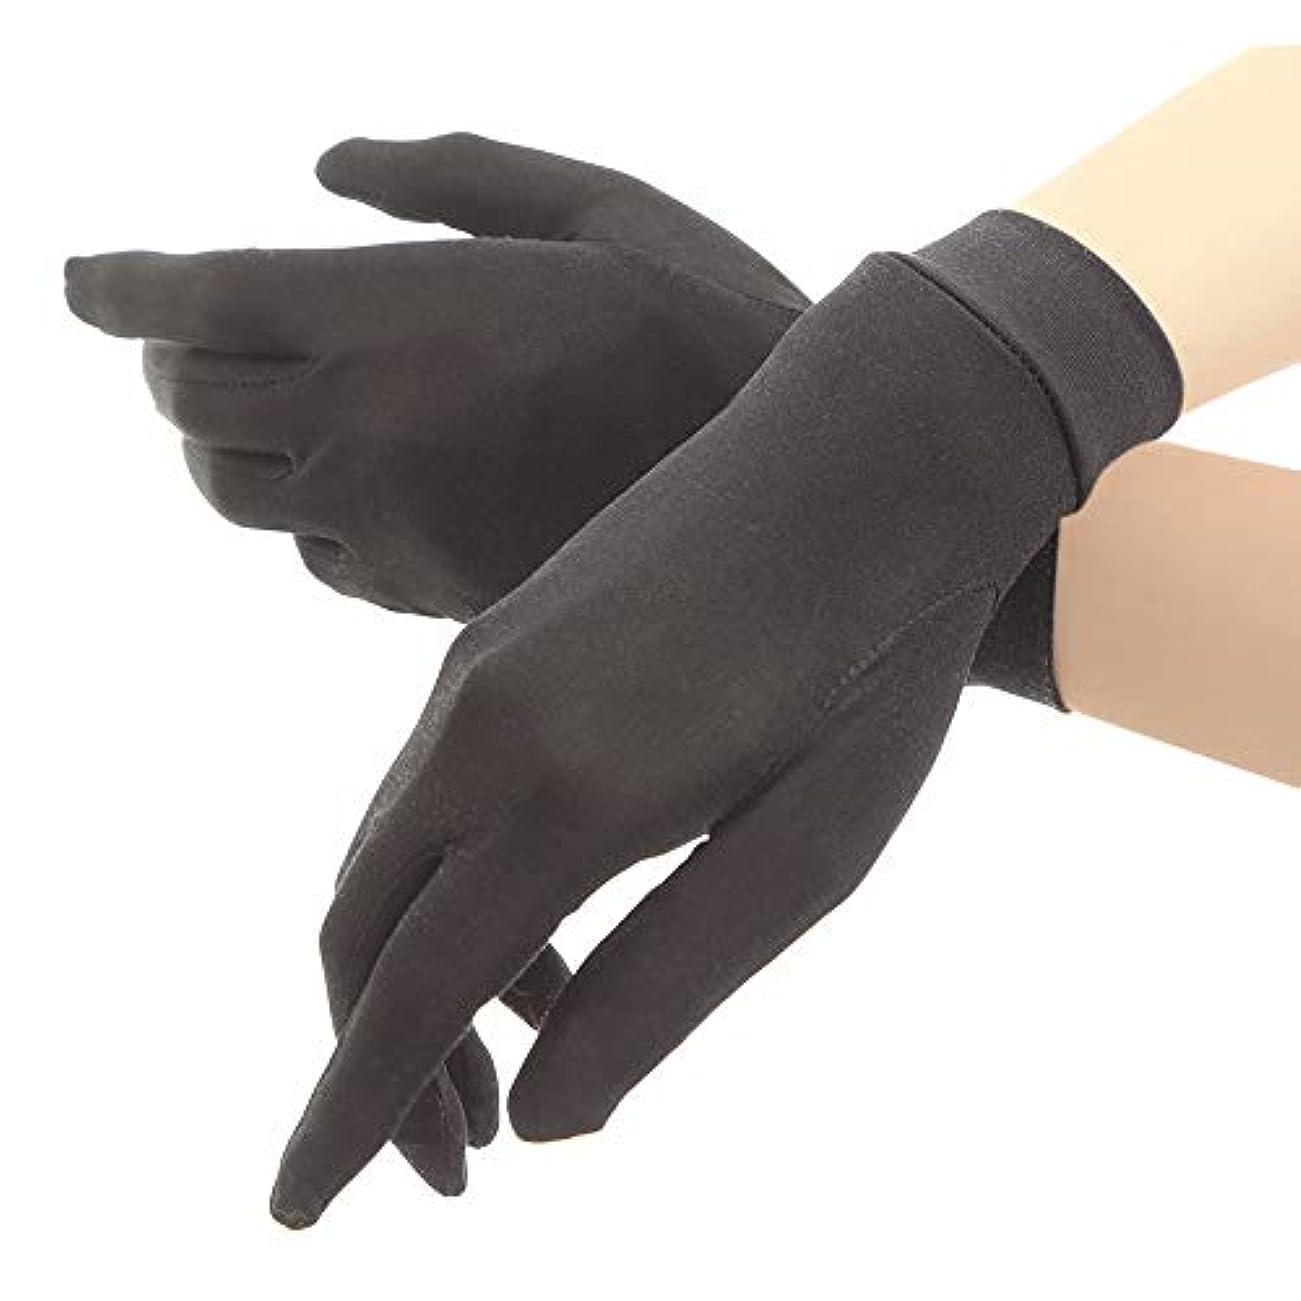 器官共同選択震えるシルク手袋 レディース 手袋 シルク 絹 ハンド ケア 保湿 紫外線 肌荒れ 乾燥 サイズアップで手指にマッチ 【macch】